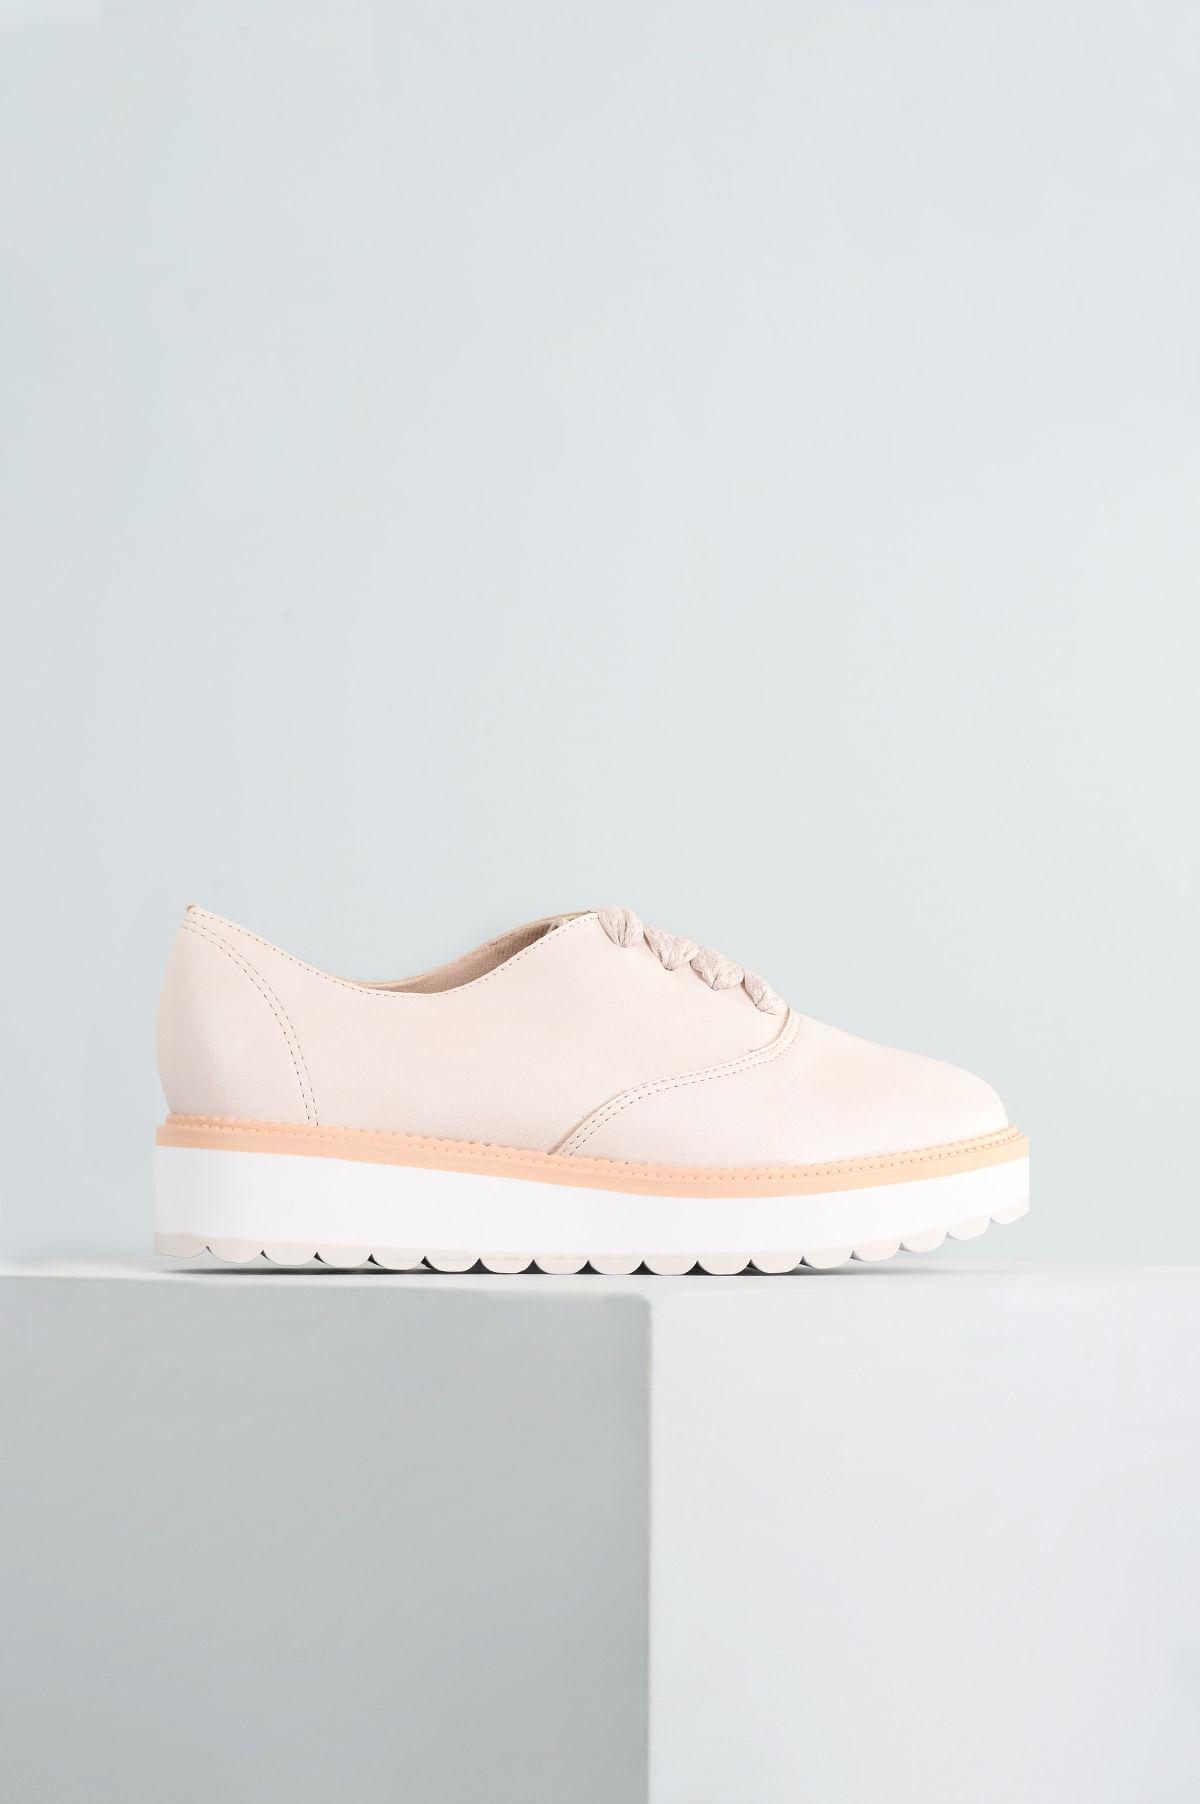 bd627559ea Oxford Feminino Geany Beira Rio SINT - OFF WHITE - Mundial Calçados